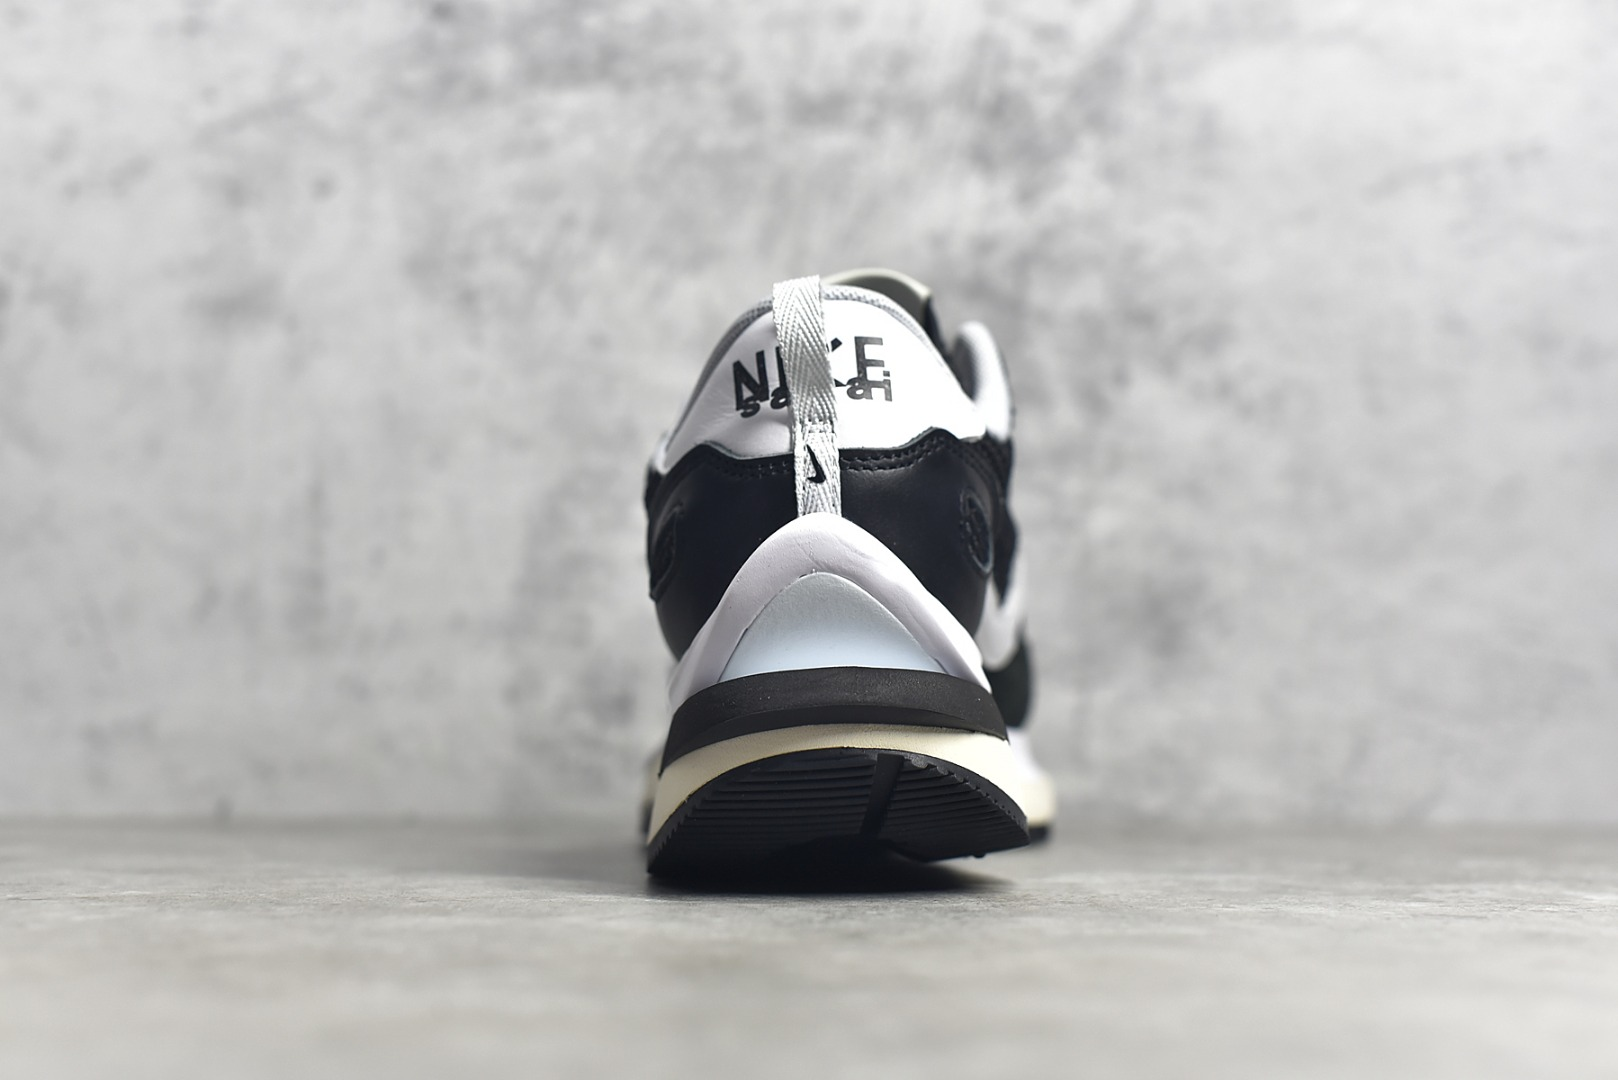 耐克Sacai联名黑色老爹鞋 Sacai X Nike regasus vaporrly SP 耐克Sacai联名三代 货号:CV1363-001-潮流者之家